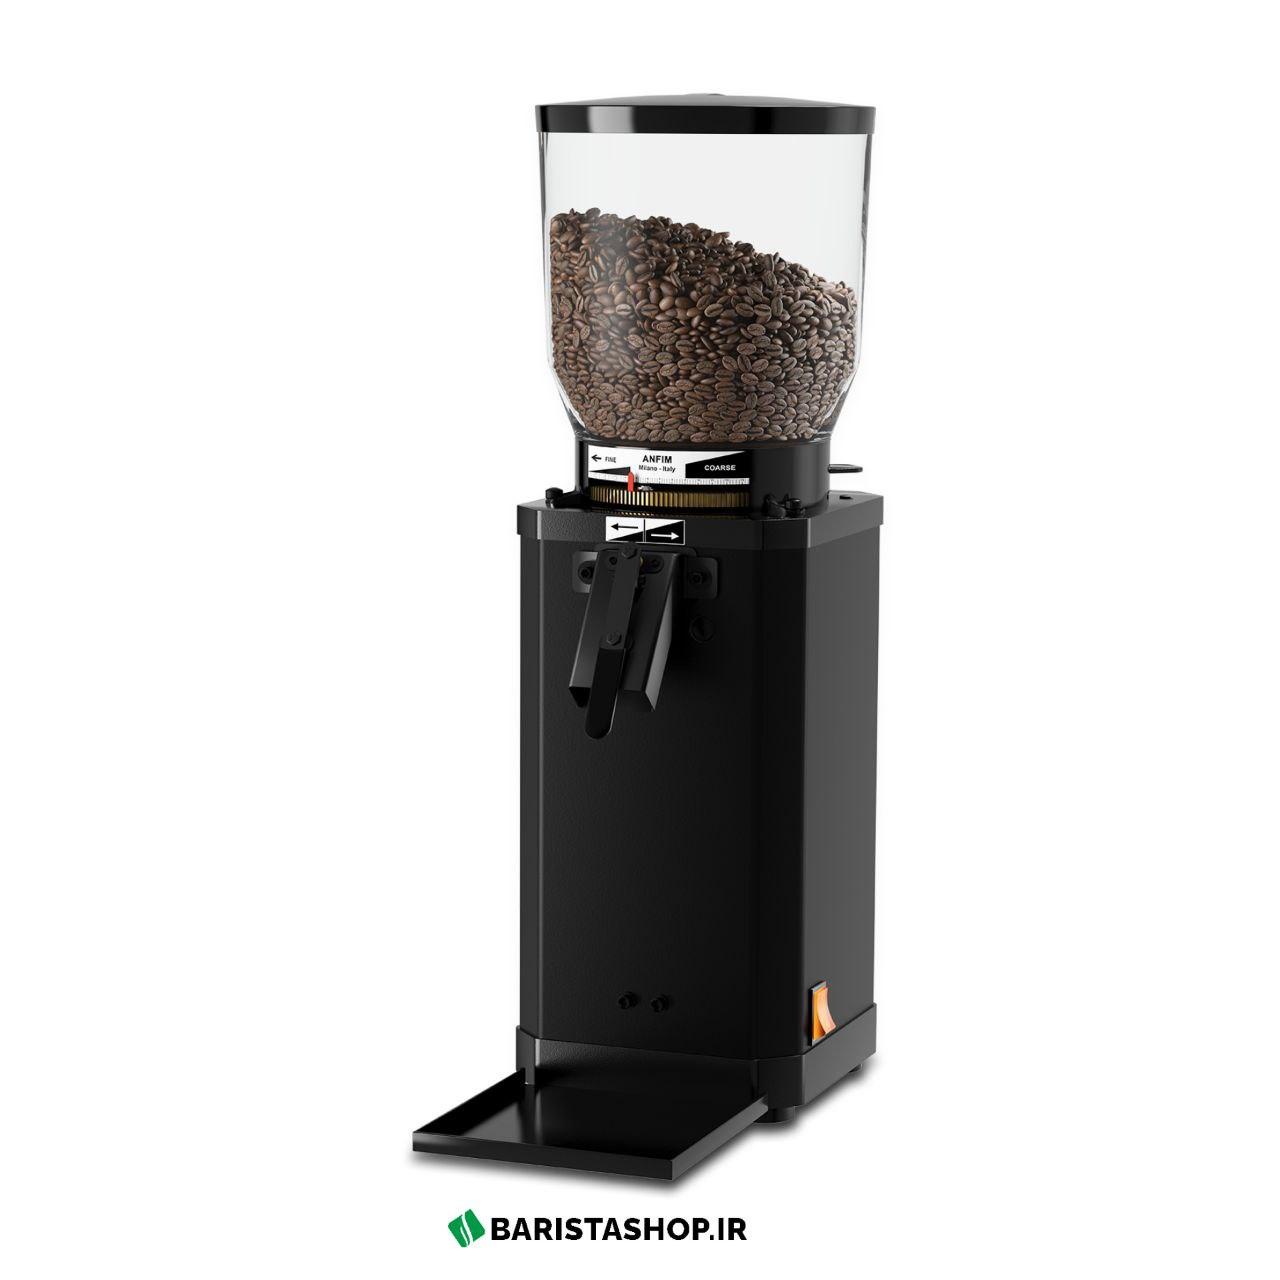 آسیاب قهوه آنفیم CDR